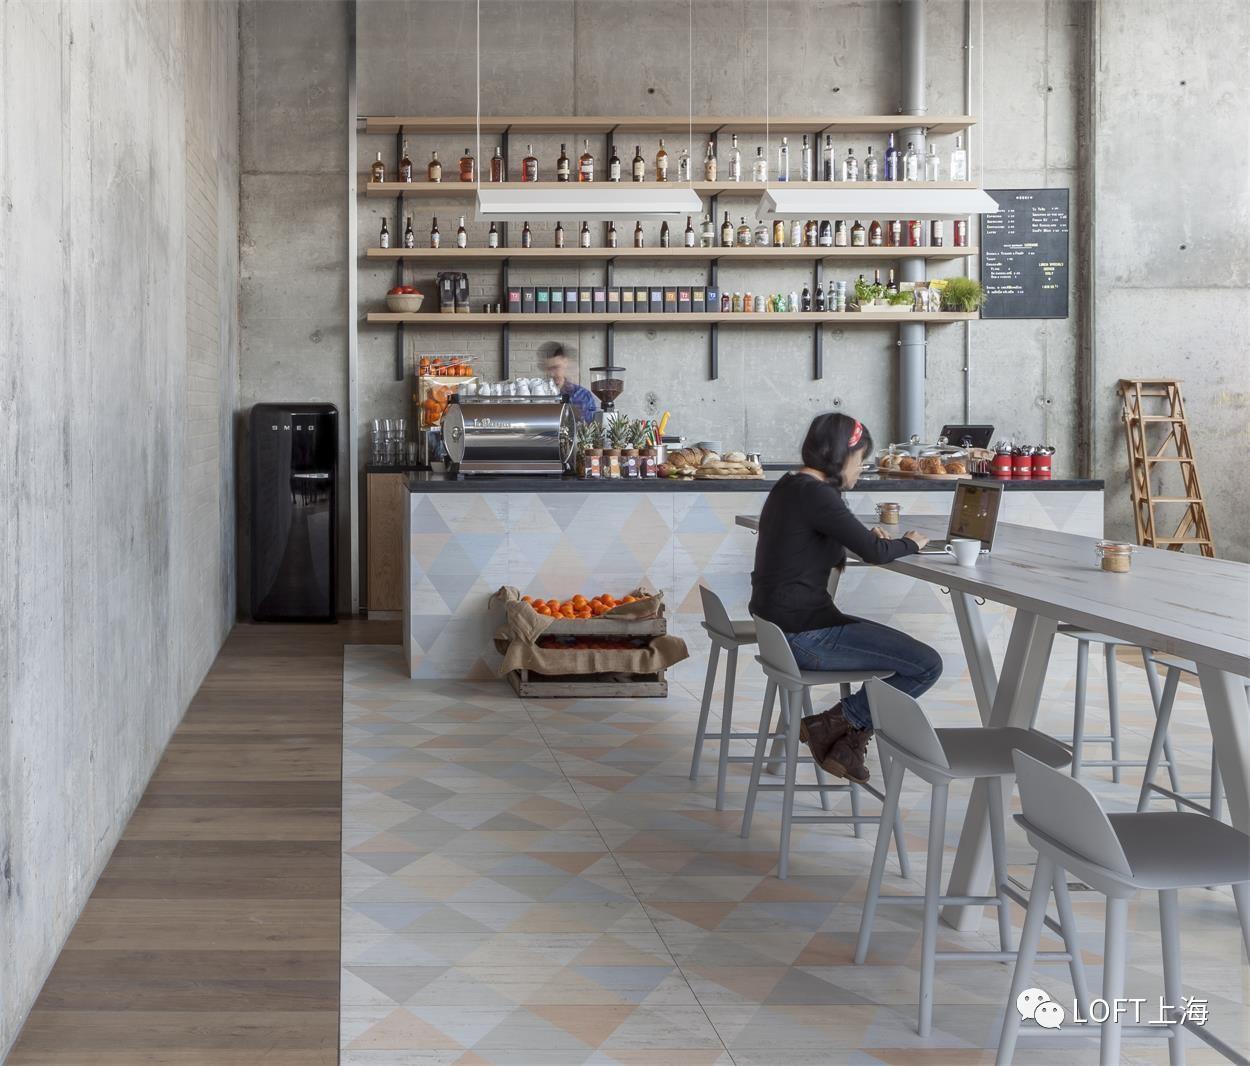 伦敦西部酒店餐饮空间现代风格设计